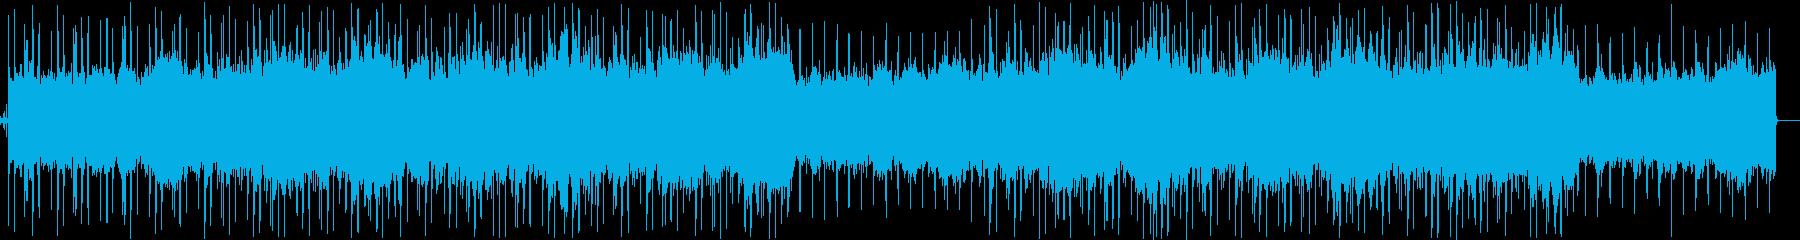 ゆったりお洒落 ローファイなジャズの再生済みの波形